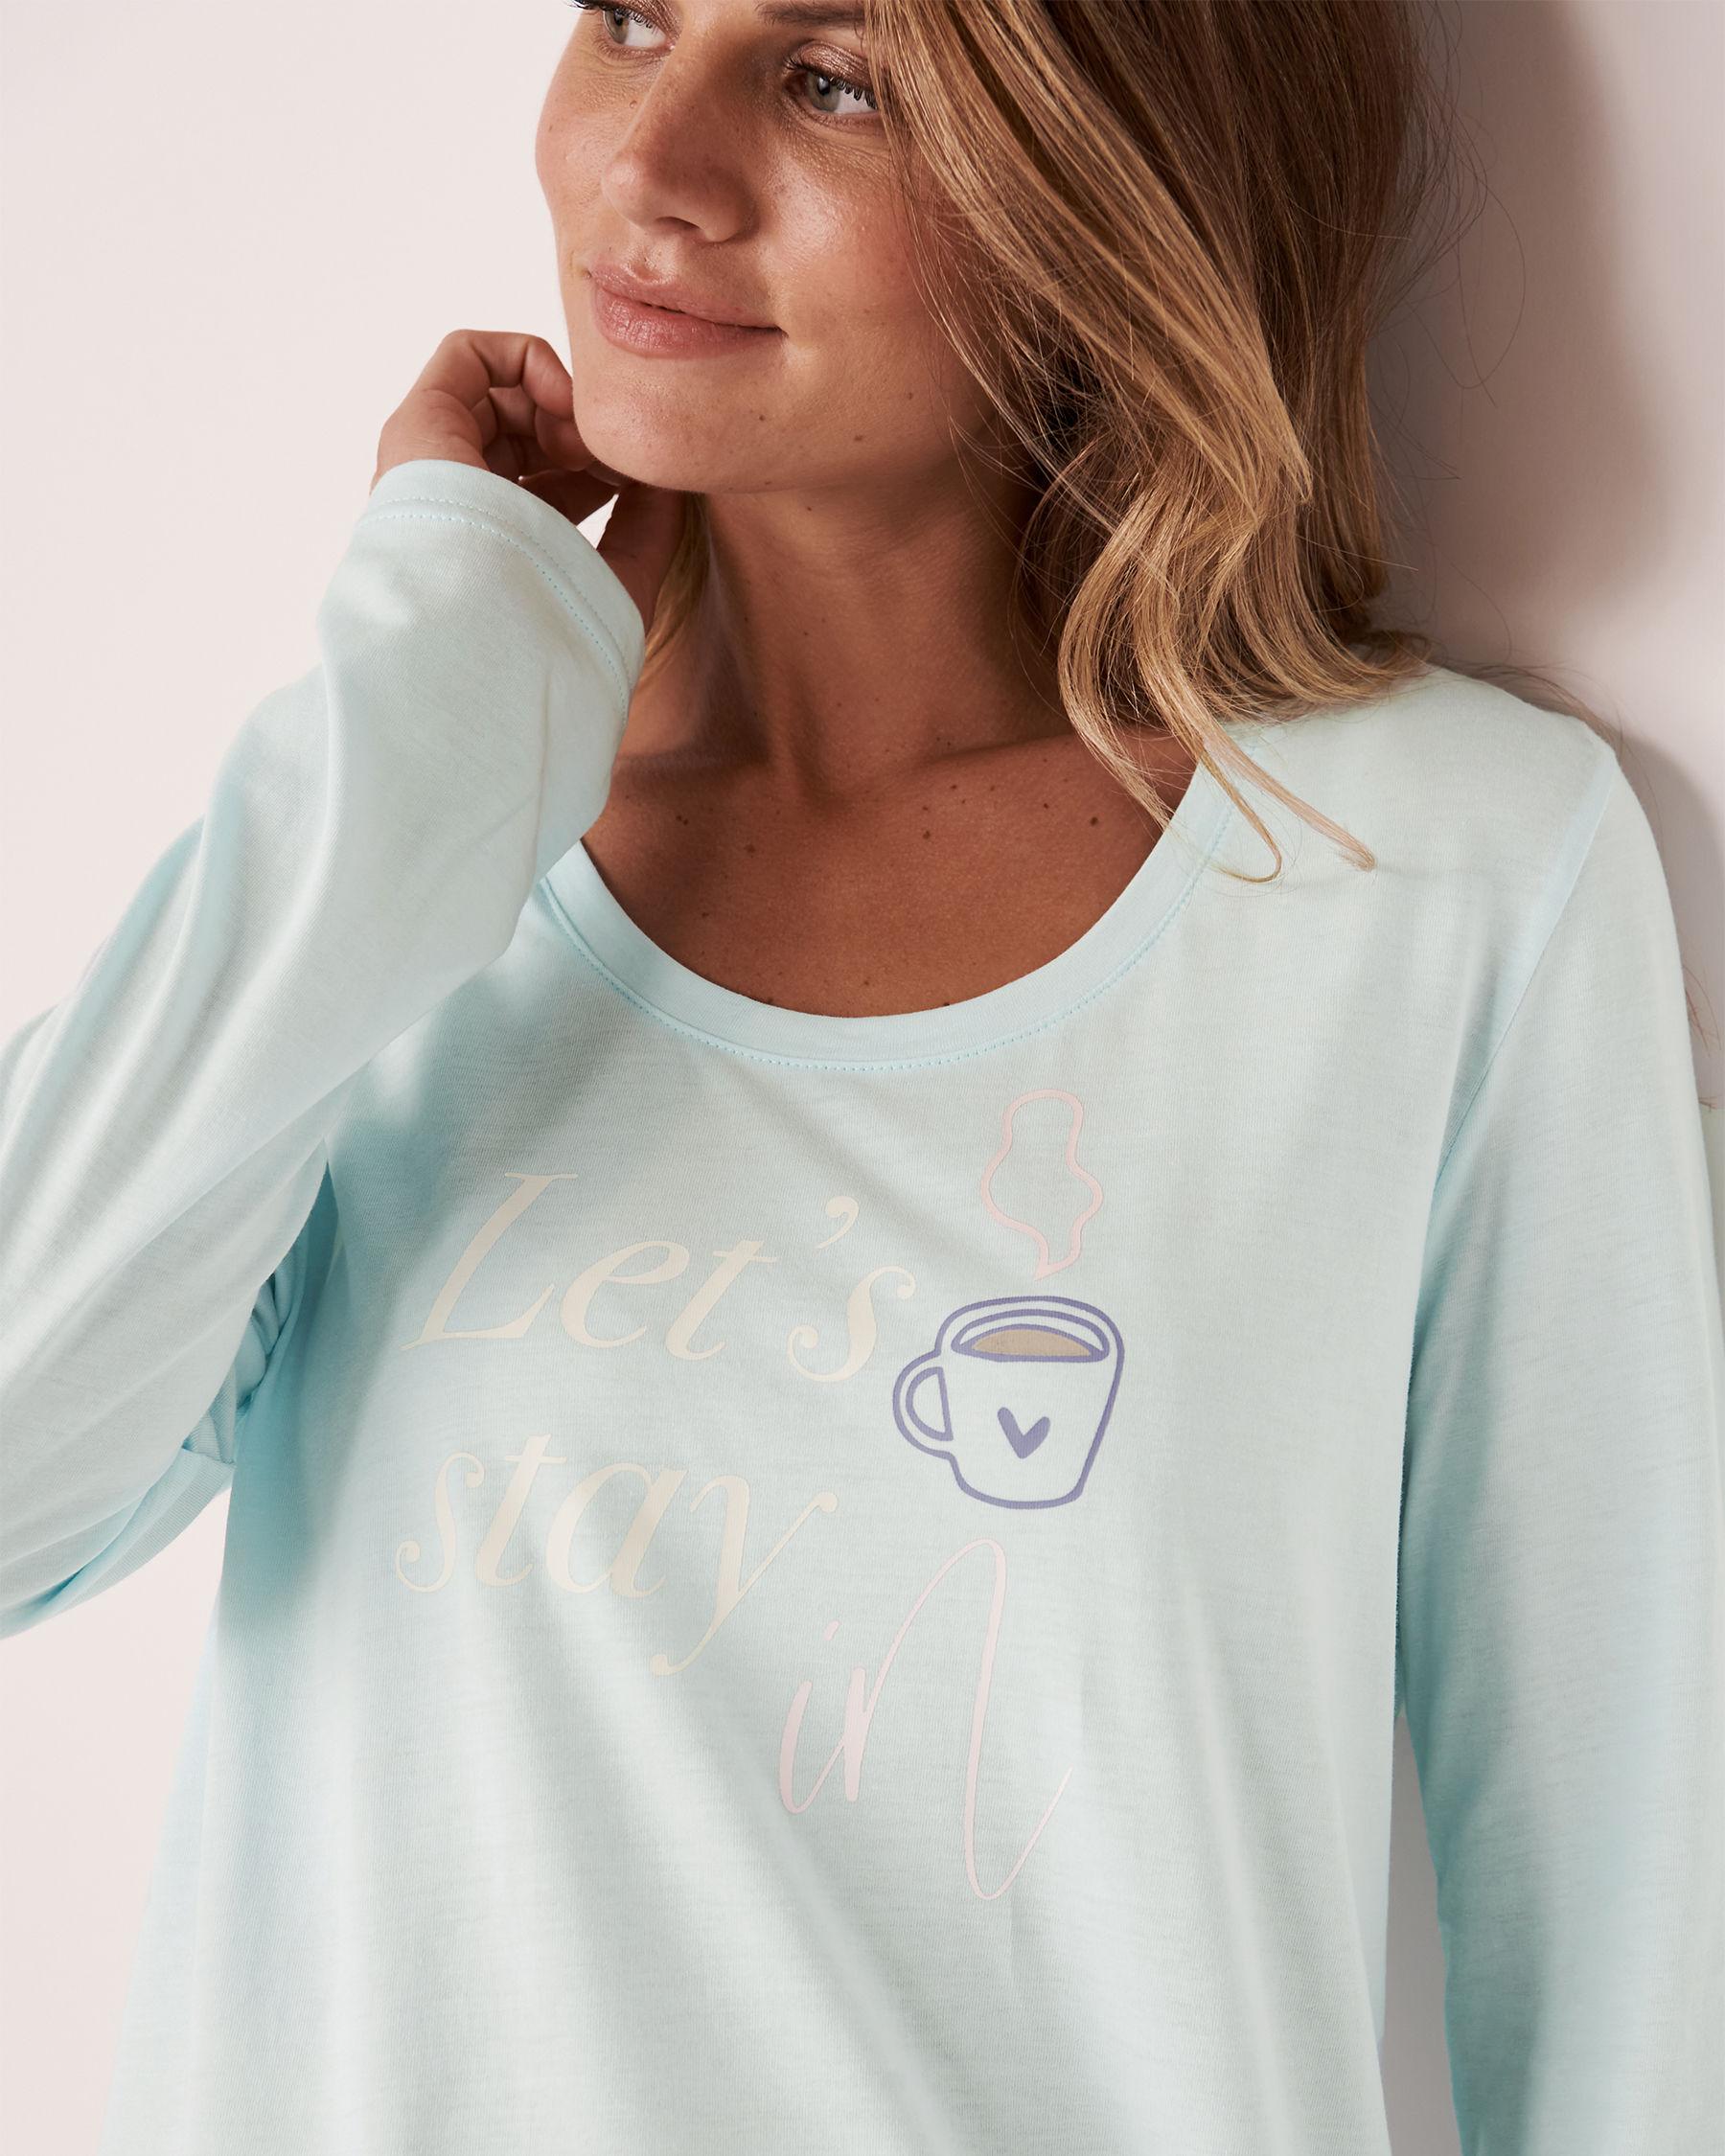 LA VIE EN ROSE Scoop Neck Long Sleeve Sleepshirt Blue glow 40500105 - View2